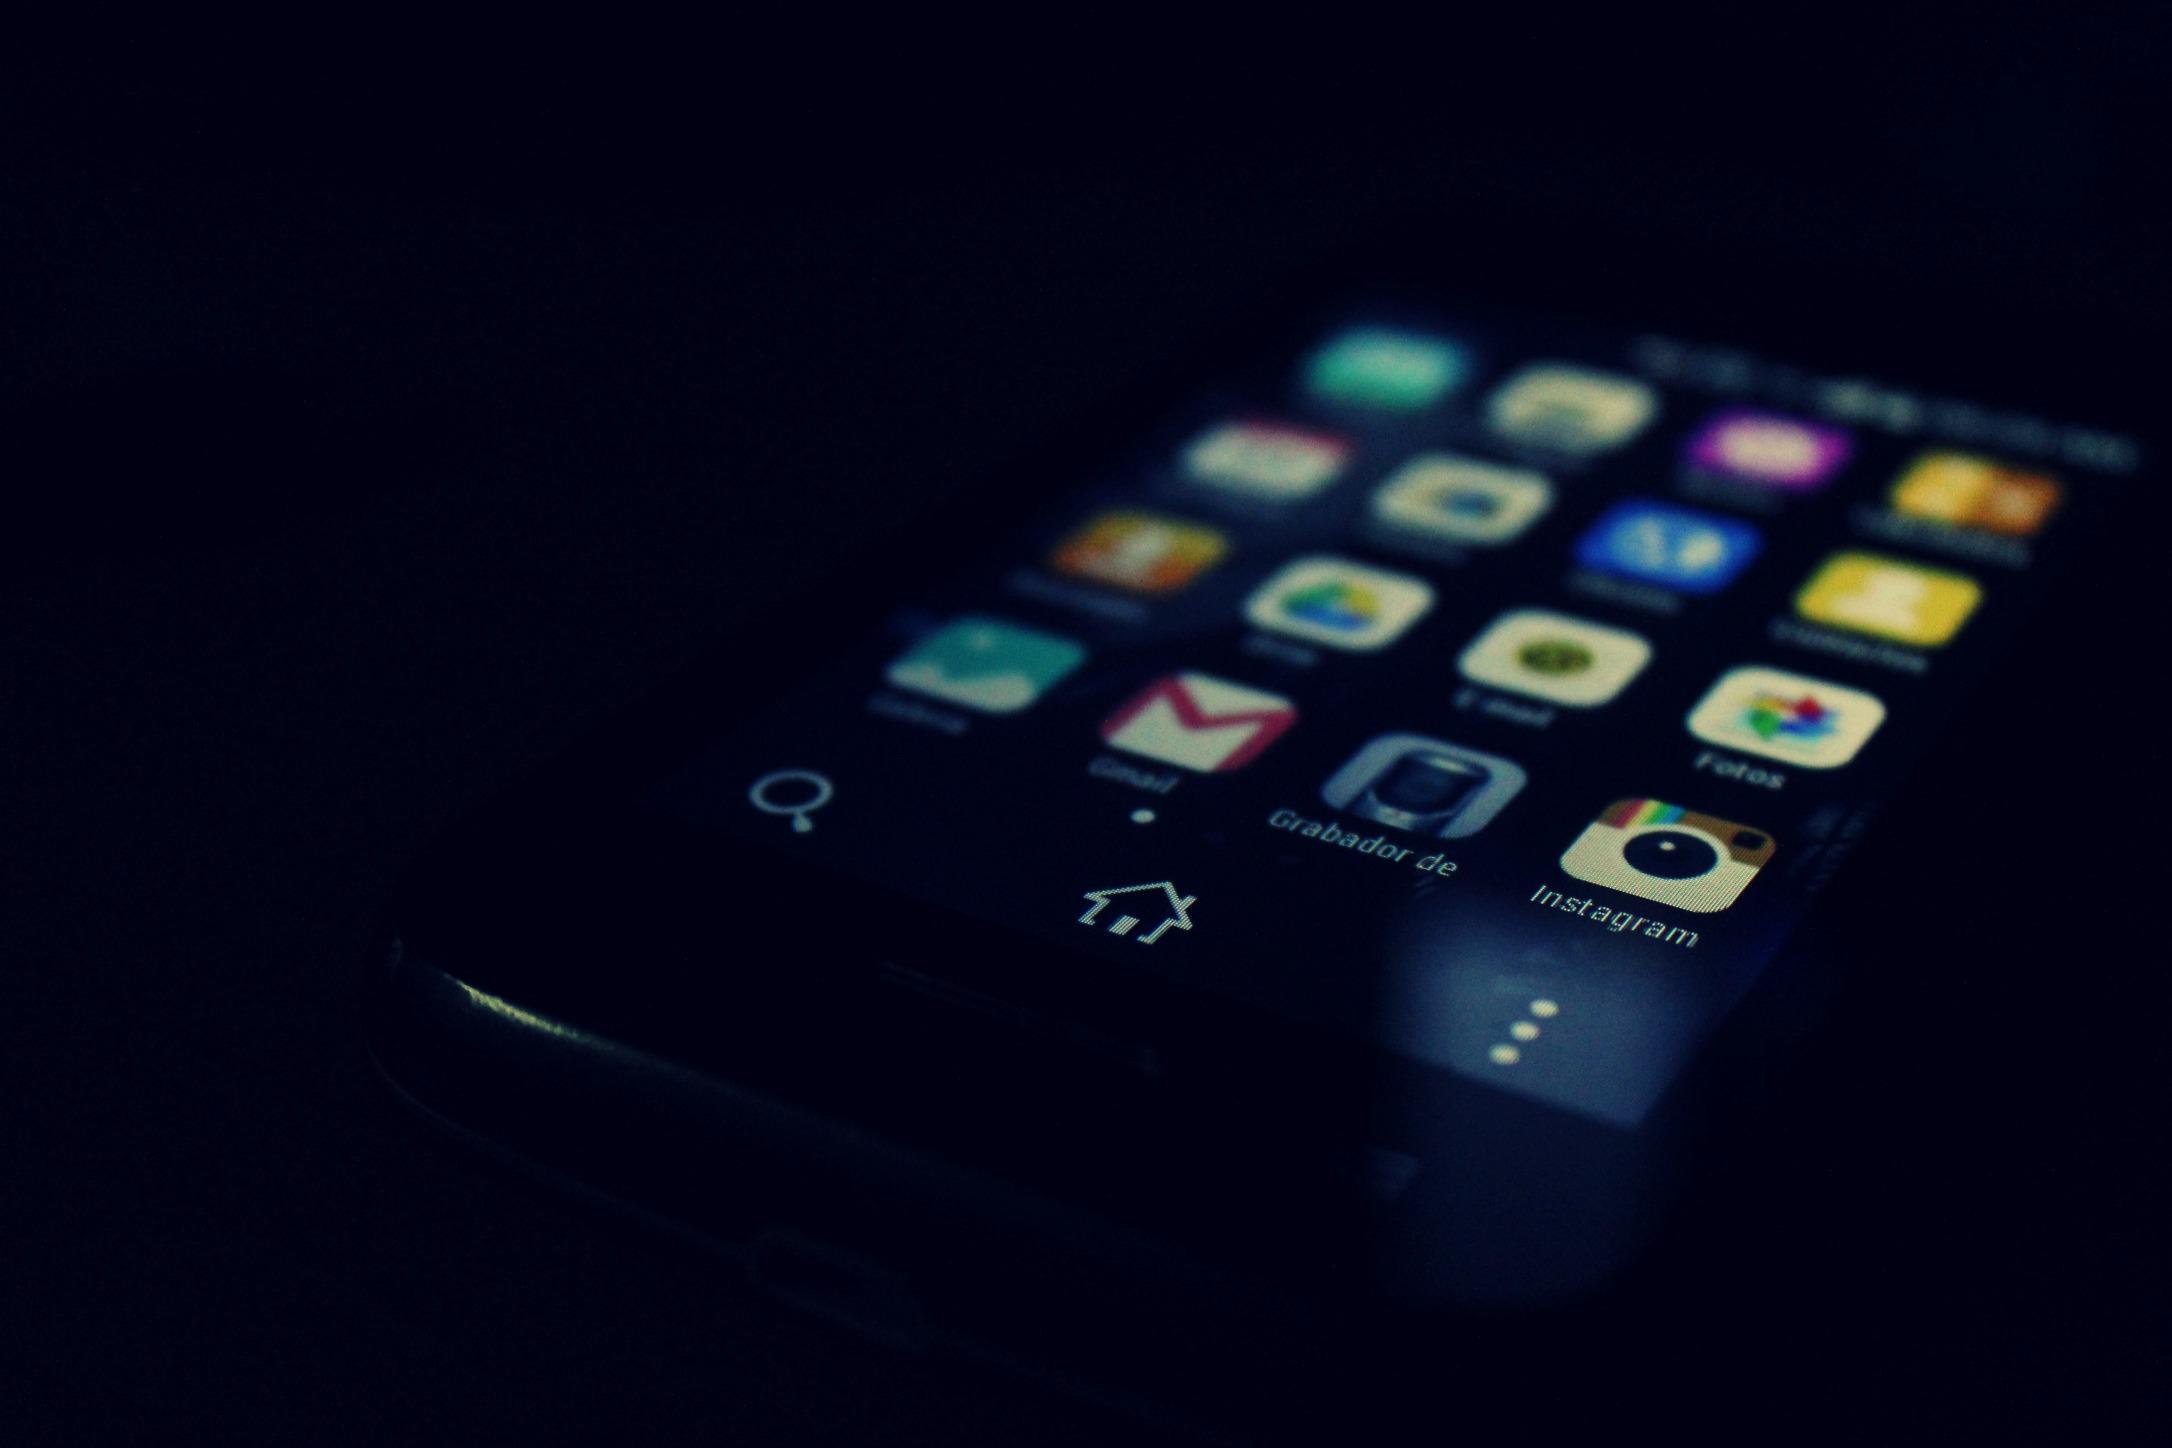 Slovenská medička robí unikátne vyšetrenie za pomoci smartfónu